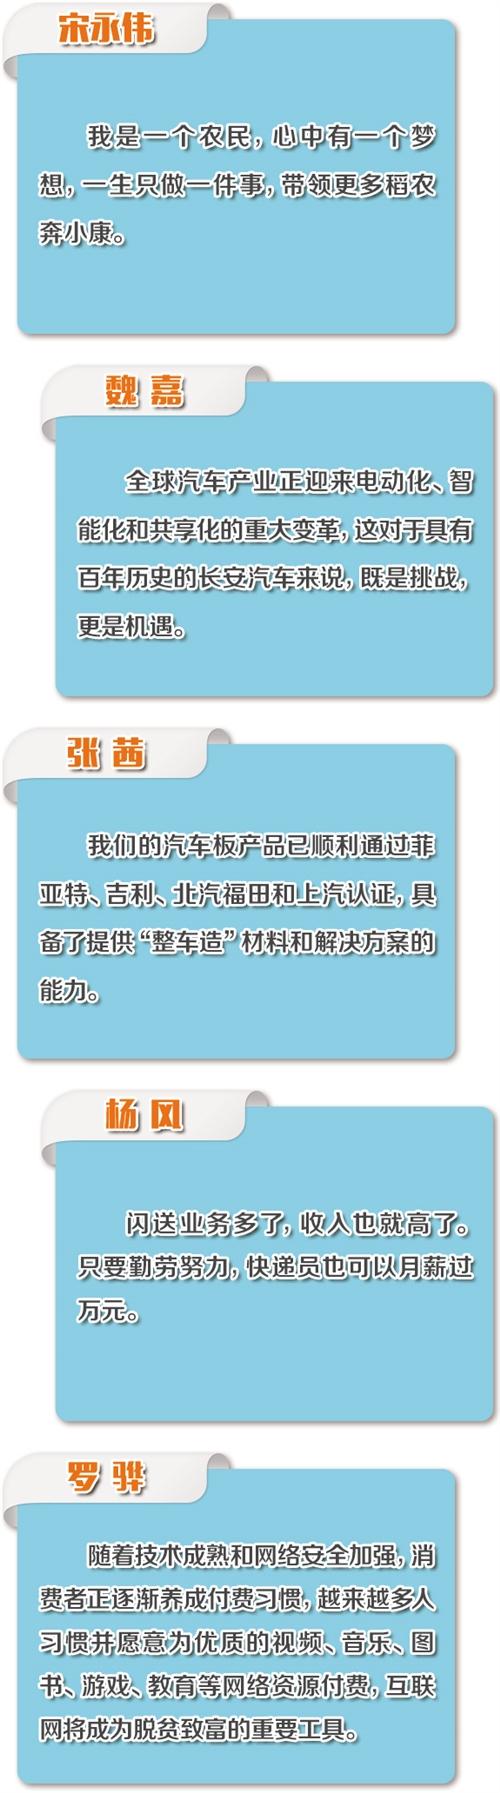 一二三产从业者眼中的经济形势:紧跟需求创新供给 中国经济砥砺前行